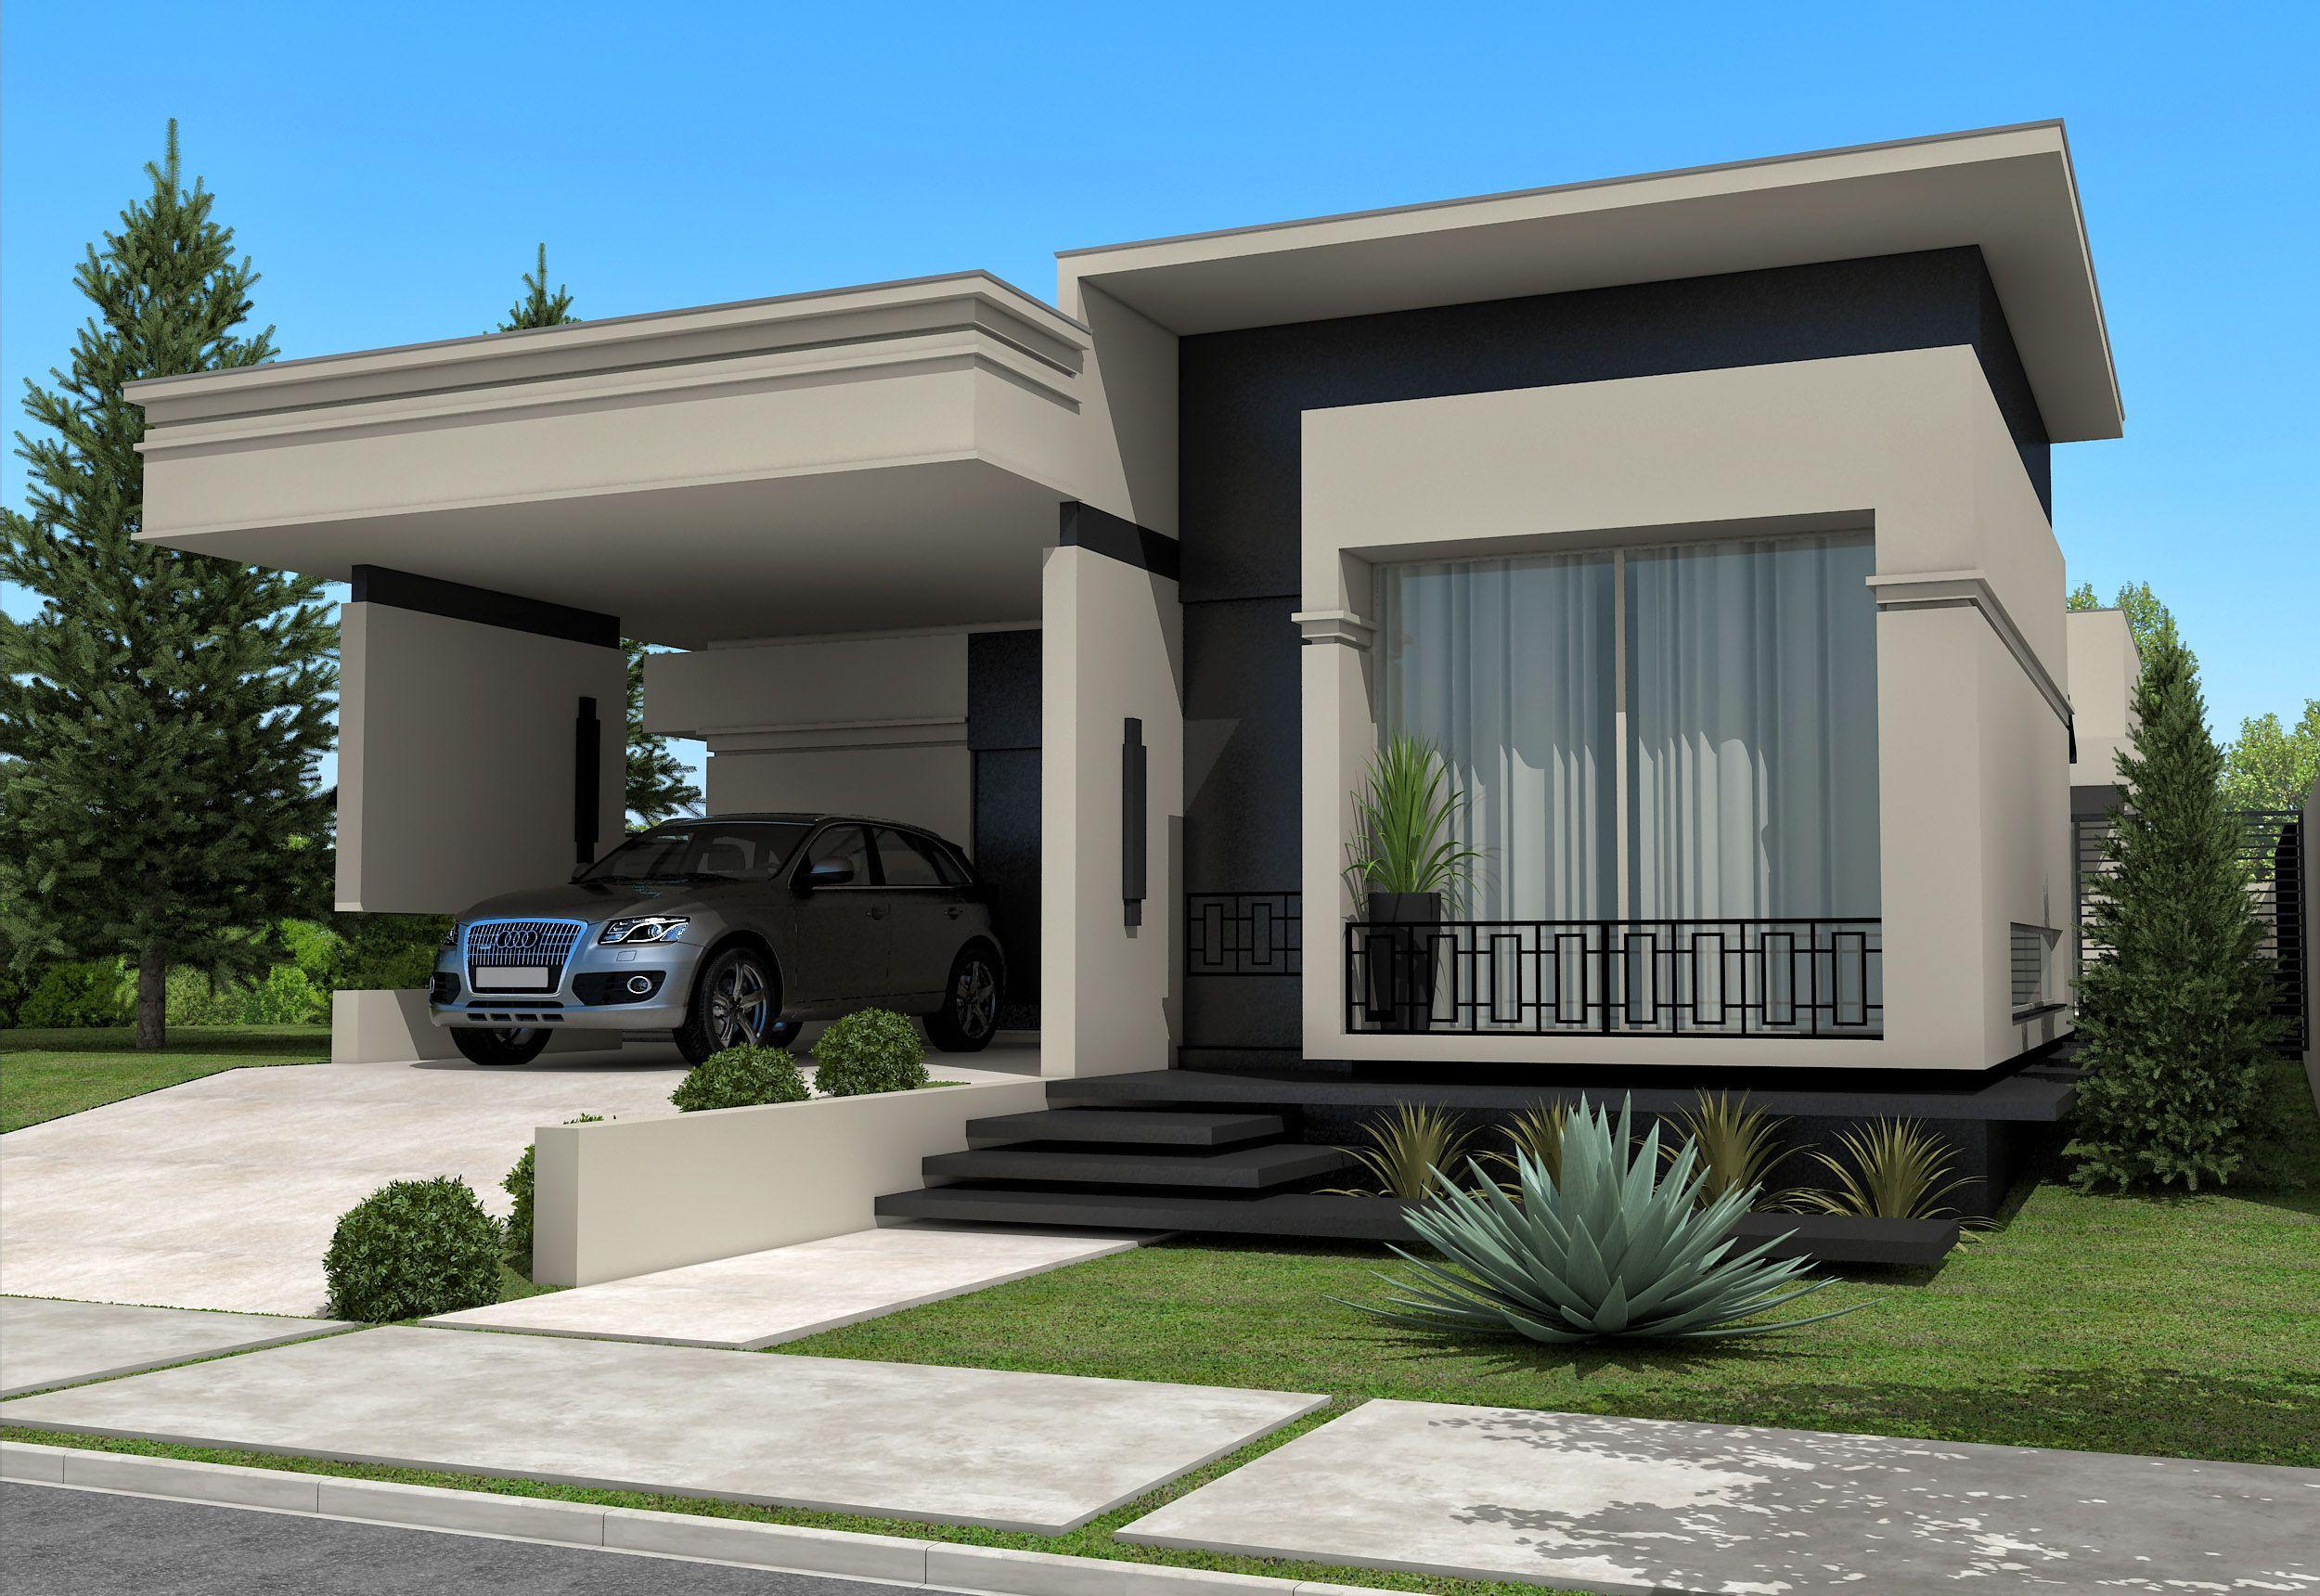 Fachadas de Casas Térreas Fotos, modelos Casas modernas